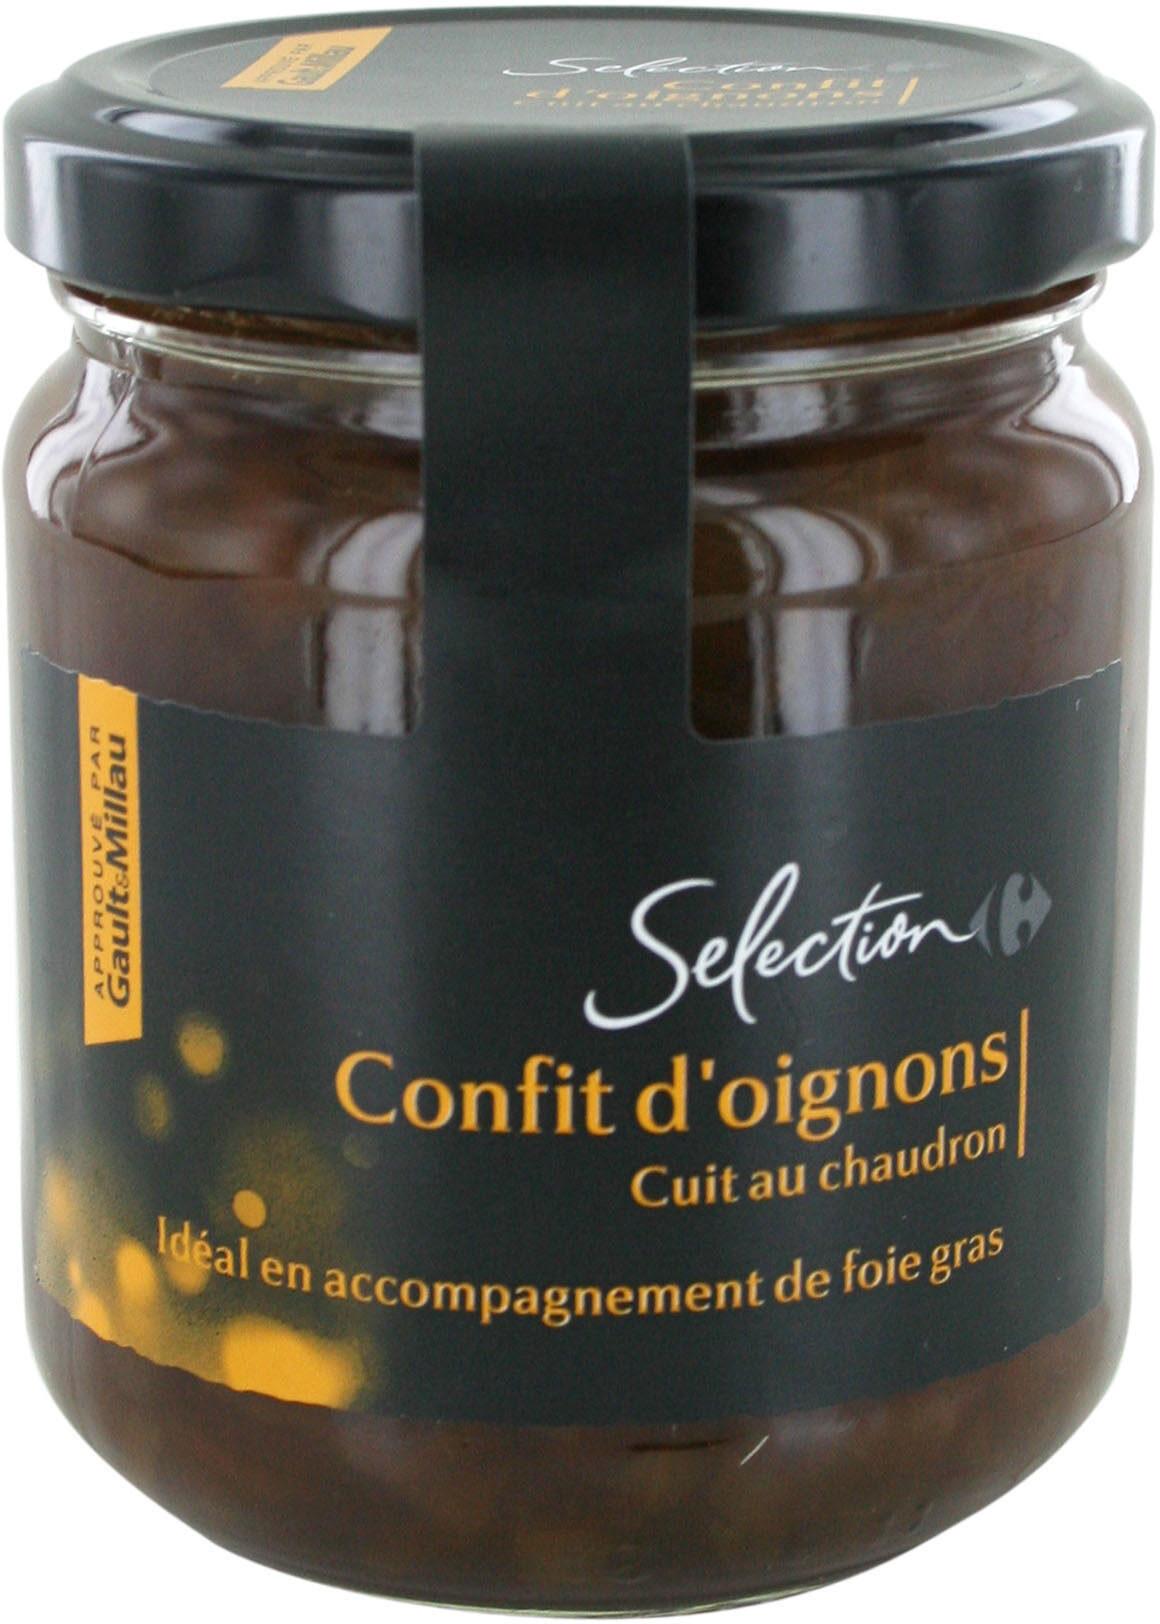 Confit d'oignons cuit au chaudron - Produit - fr